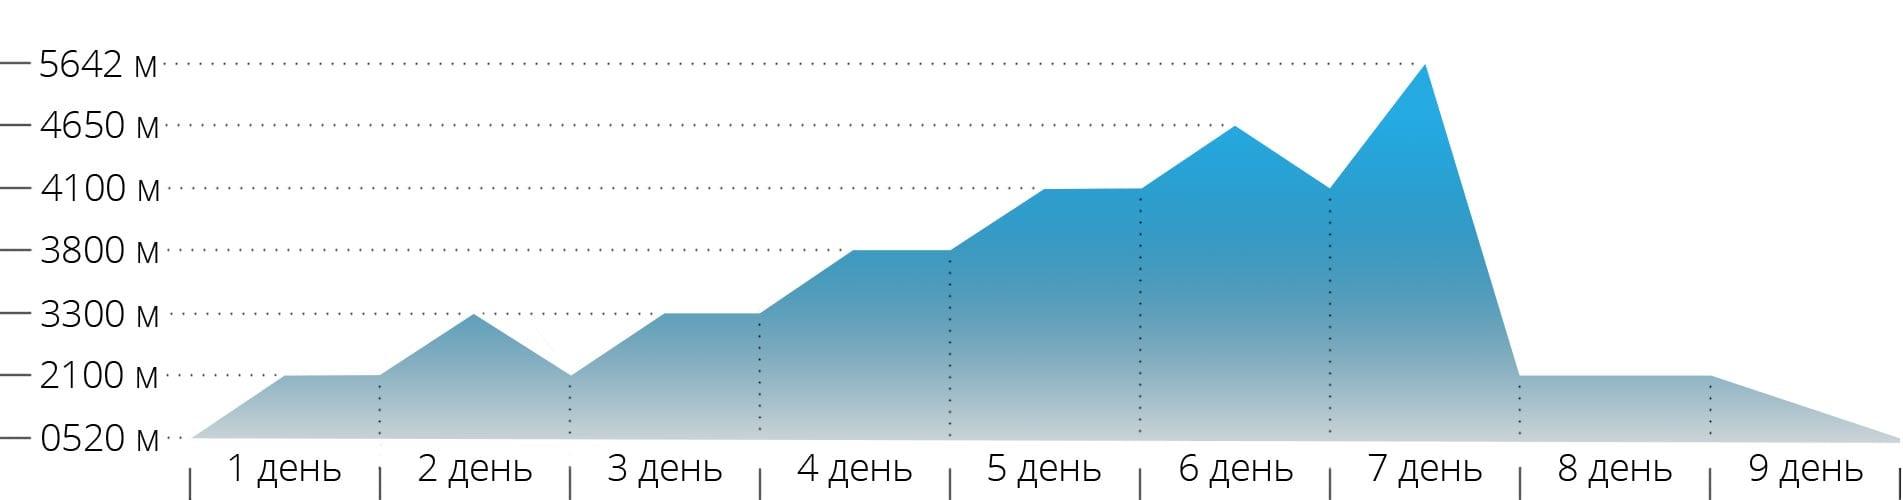 Акклиматизационный график для Эльбруса